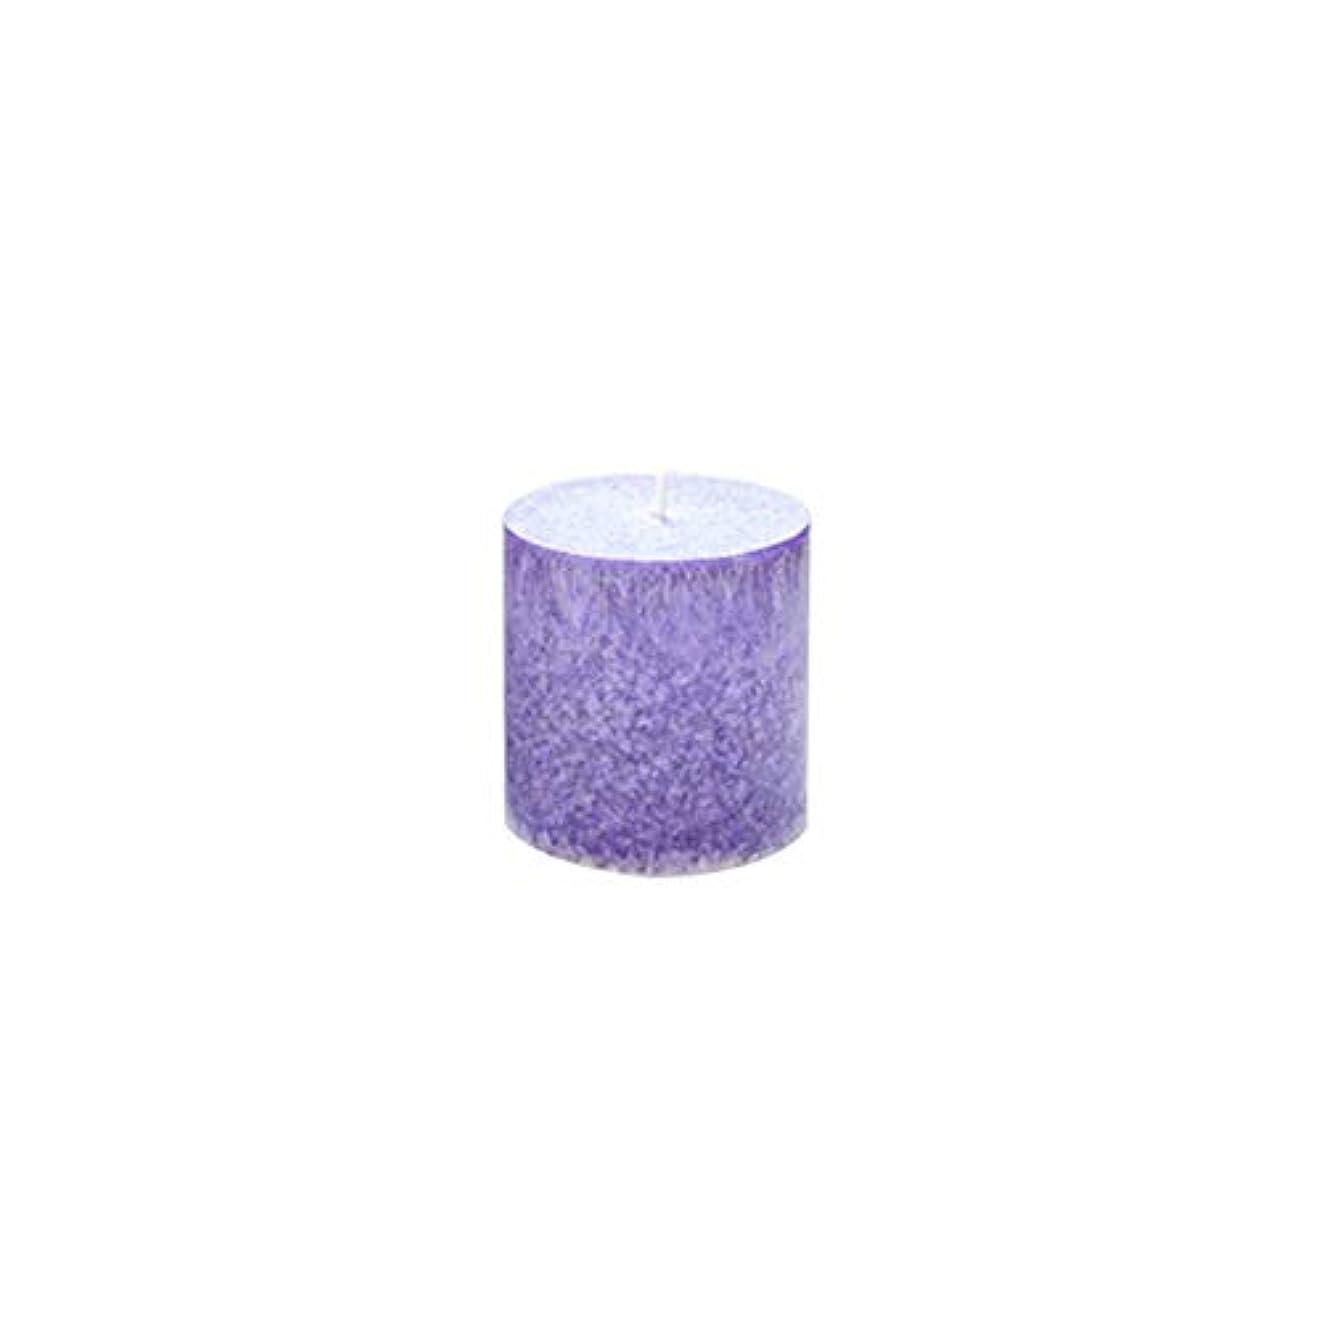 社説神学校洞察力のあるRakuby 香料入り 蝋燭 ロマンチック 紫色 ラベンダー アロマ療法 柱 蝋燭 祝祭 結婚祝い 無煙蝋燭